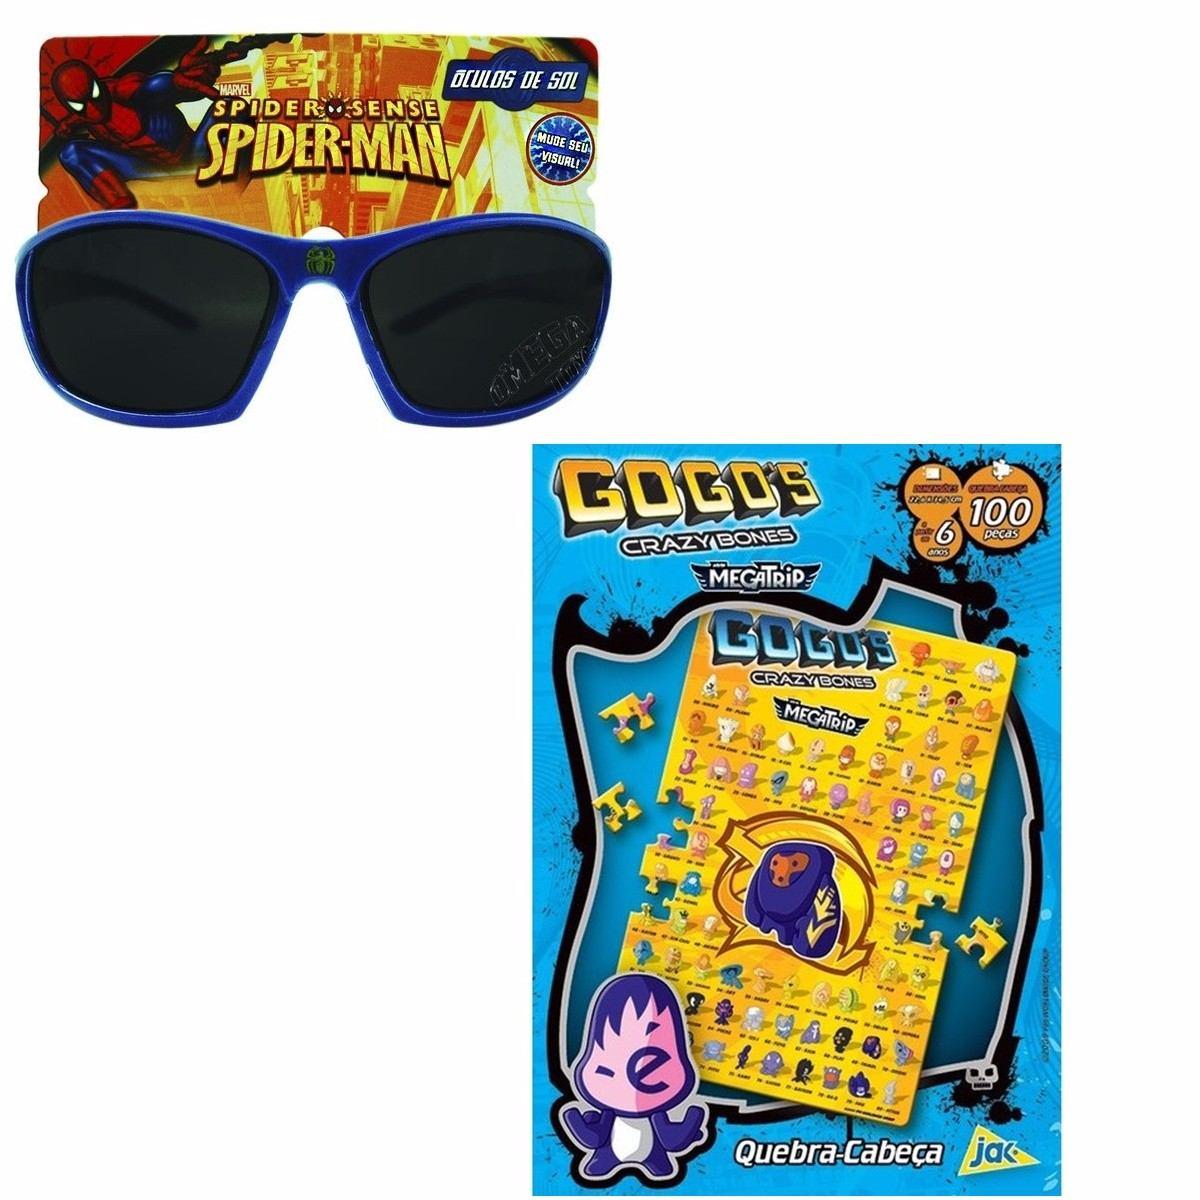 fff0f4632d488 kit óculos de sol infantil homem aranha e quebra cabeça. Carregando zoom.